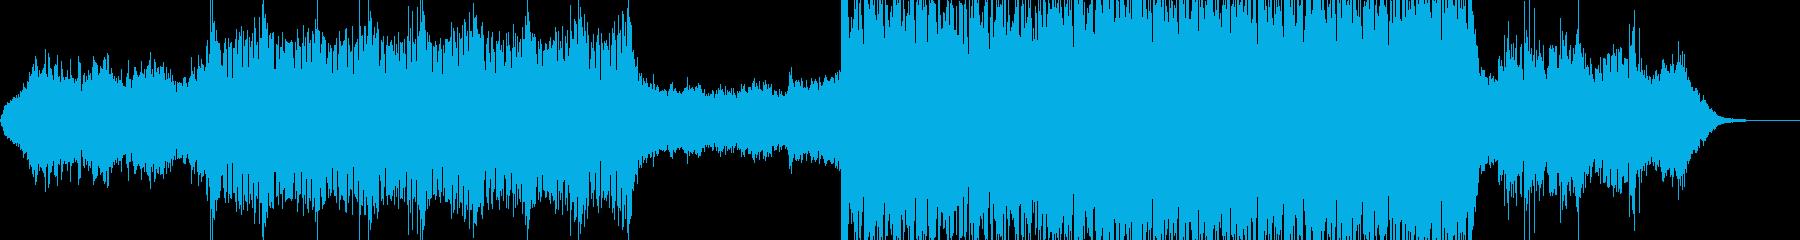 ヒーリング系エレクトロ風ポップの再生済みの波形